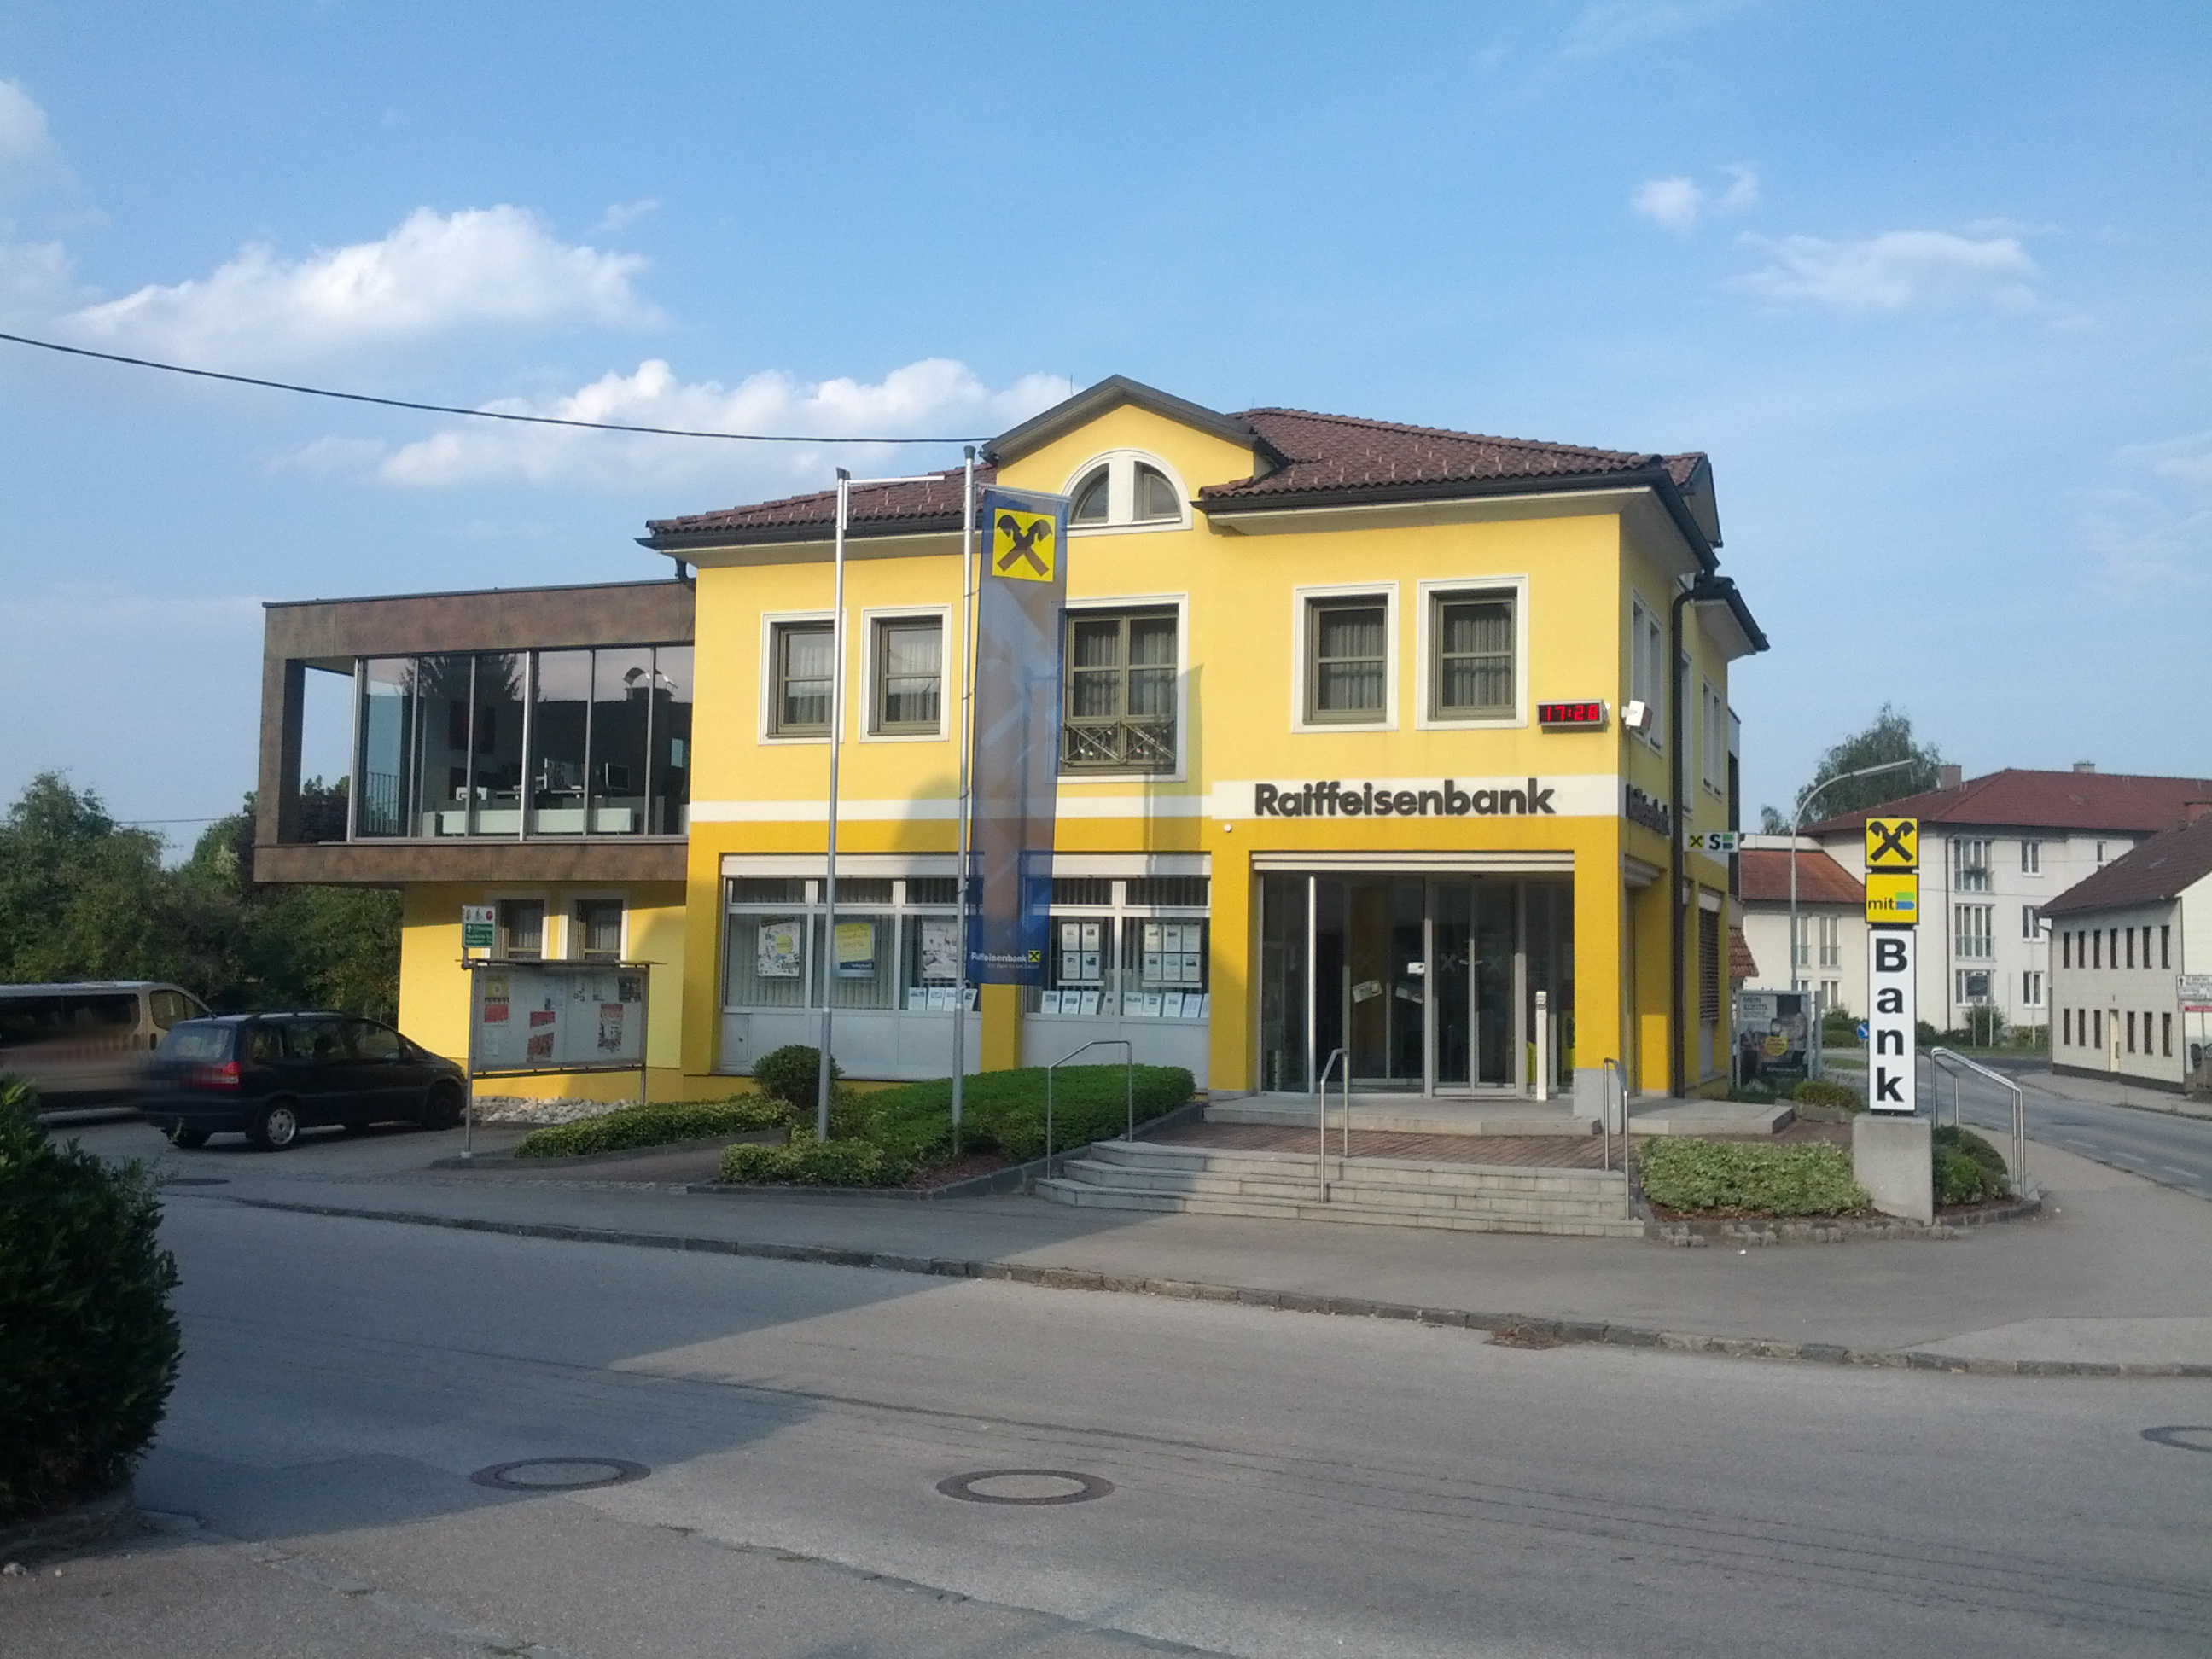 Raiffeisenbank Kematen an der Krems reg. Gen. m. b. H. Zws. Neuhofen an der Krems